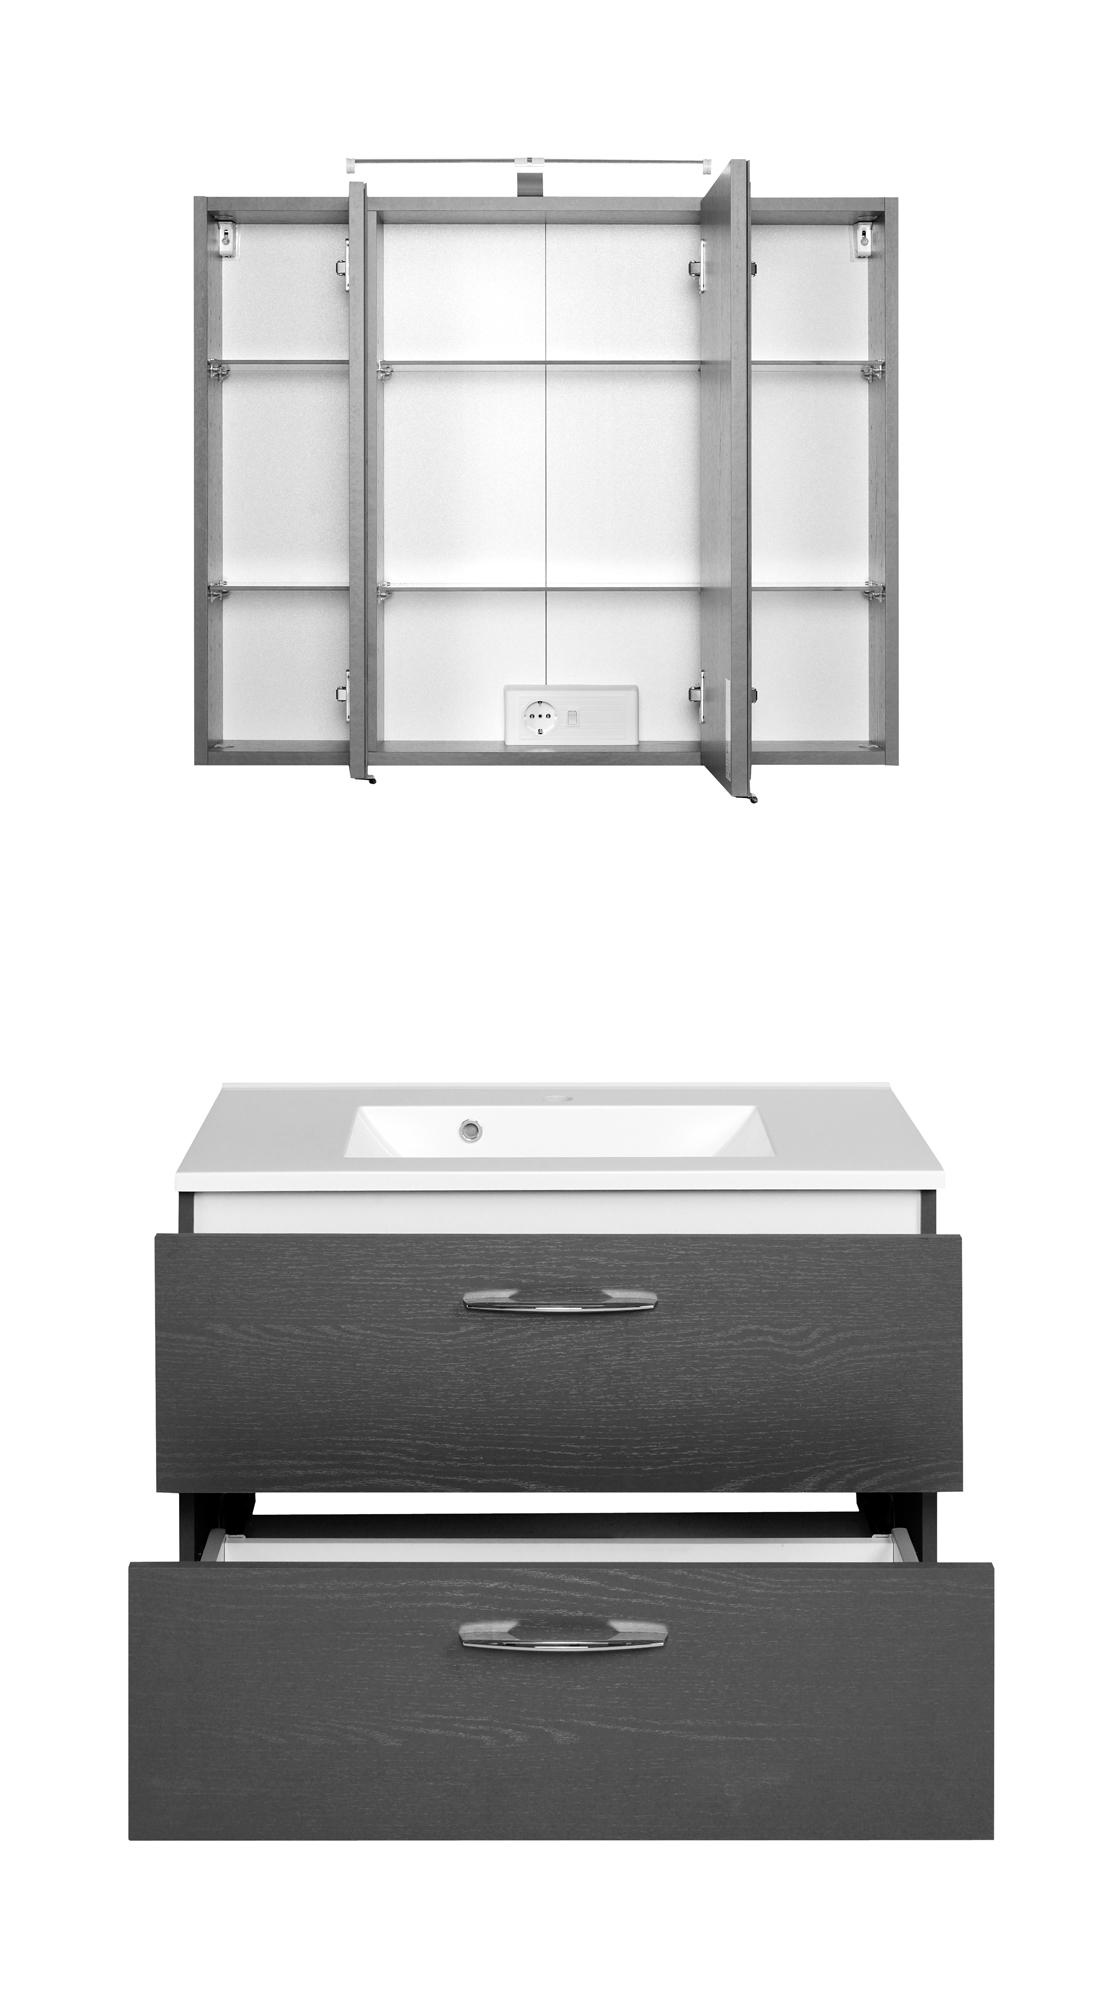 Waschtisch-Set 80 Portofino inkl LED Beleuchtung von Held Möbel Graphitgrau